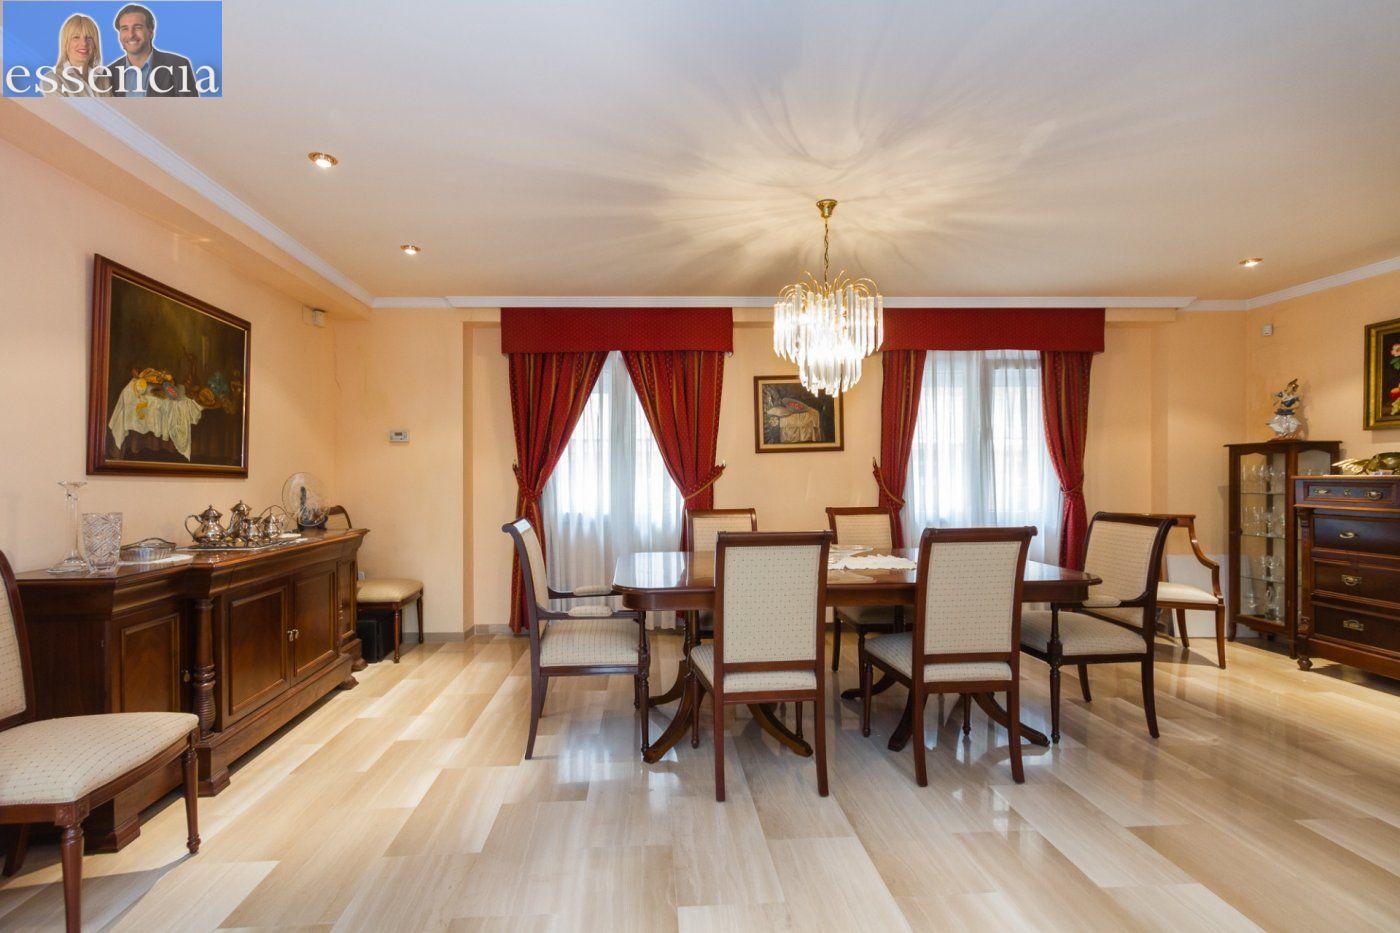 Casa con encanto en el centro de gandÍa para clientes vip - imagenInmueble5